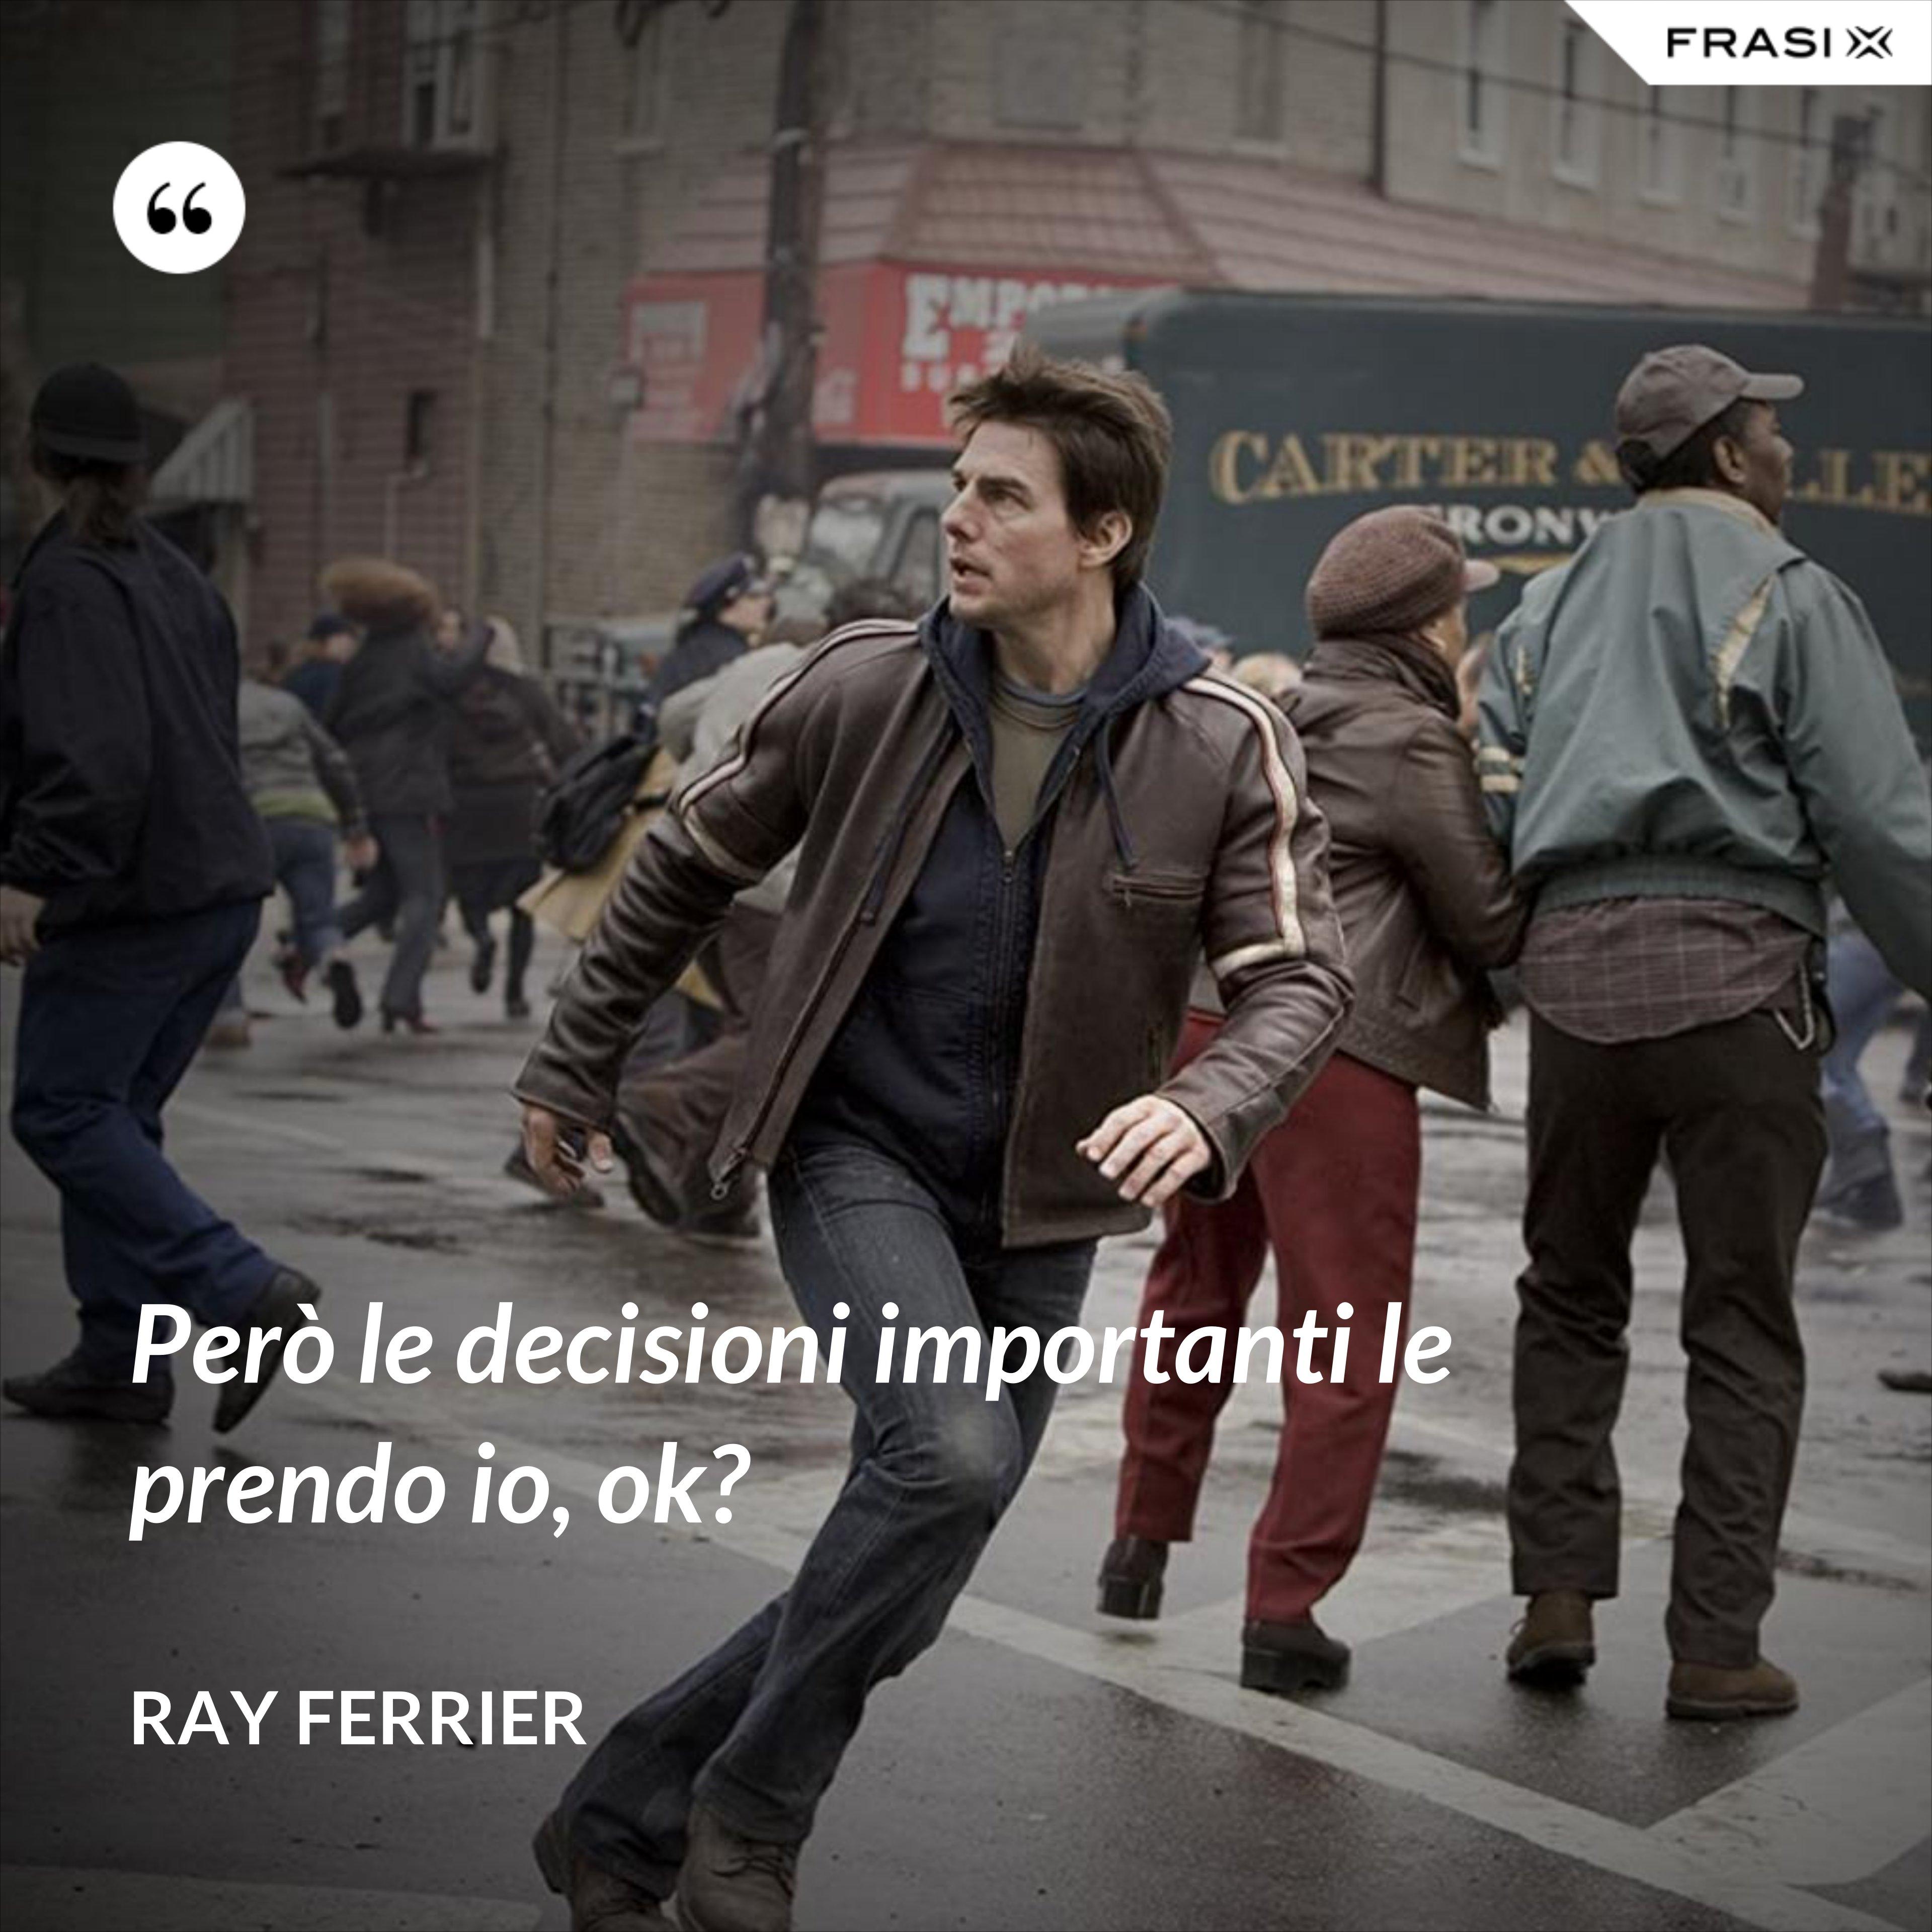 Però le decisioni importanti le prendo io, ok? - Ray Ferrier